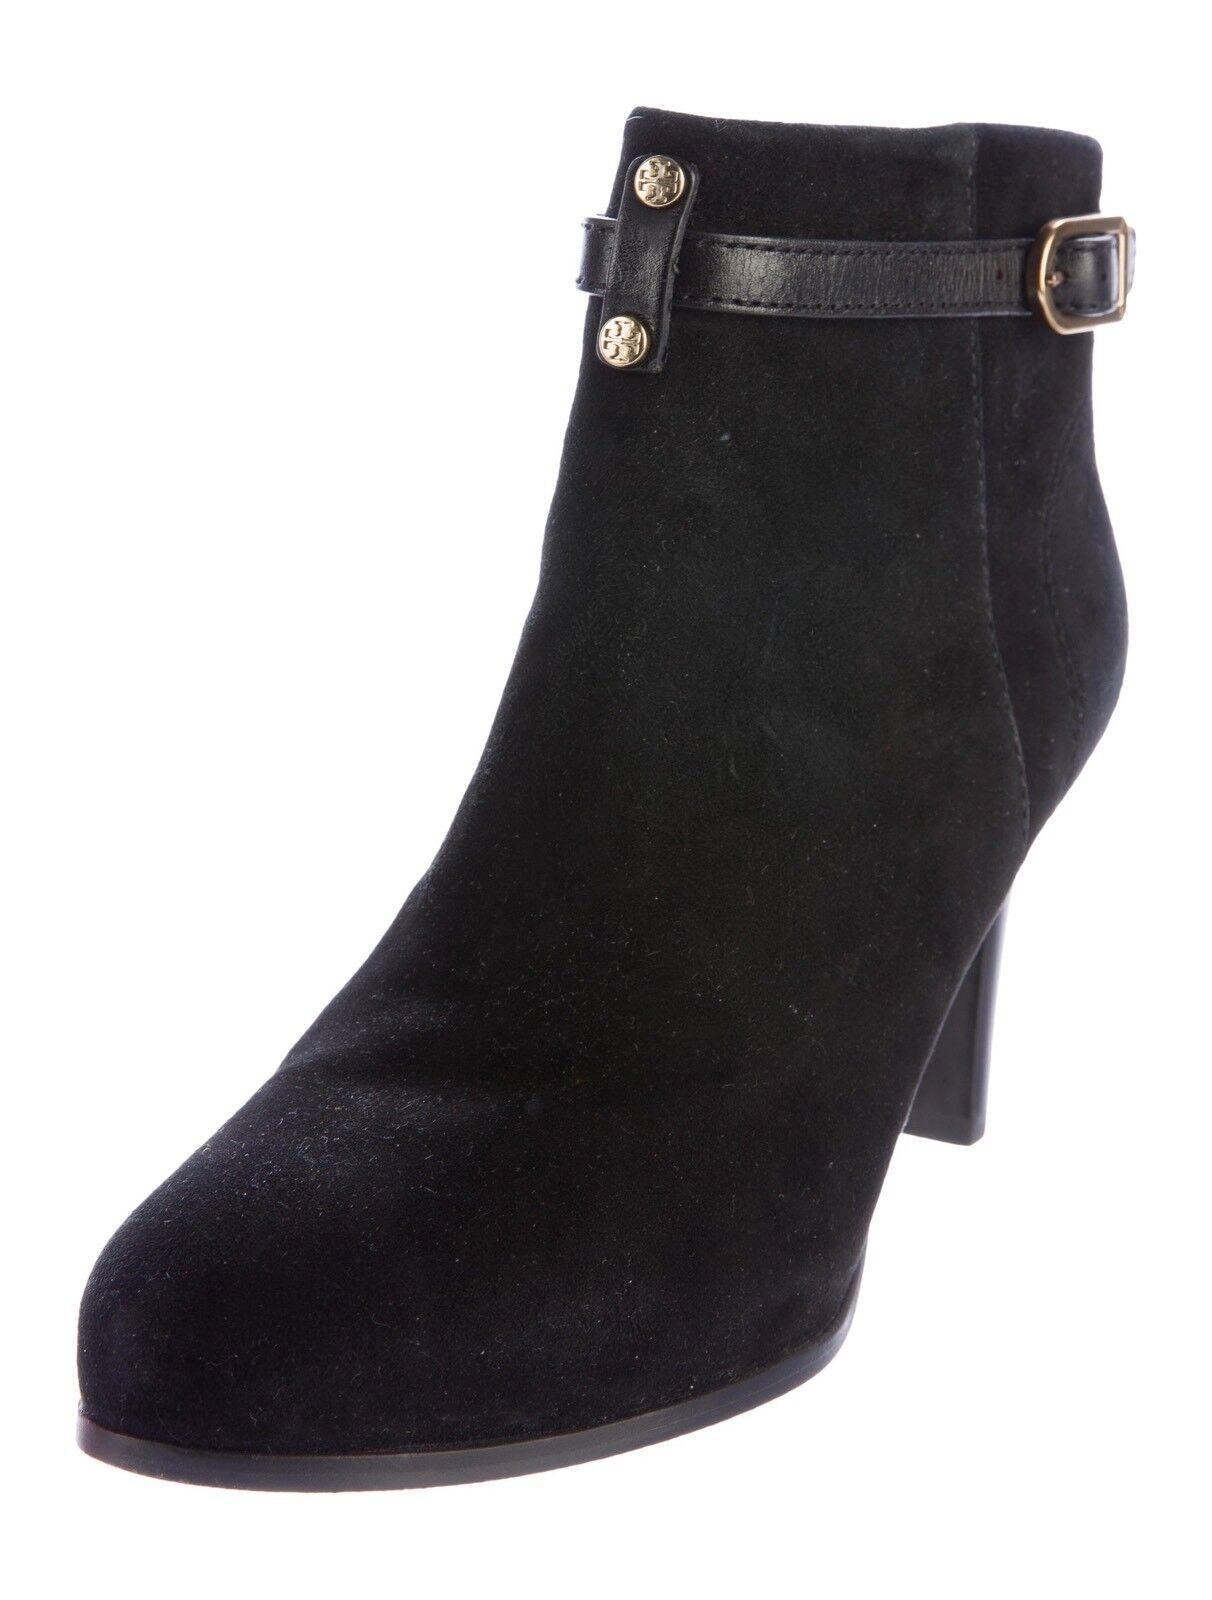 garanzia di qualità Tory Burch donna Suede Leather stivali Ankle nero Marrone Heels Heels Heels Patricia Dimensione 11  nuovo di marca